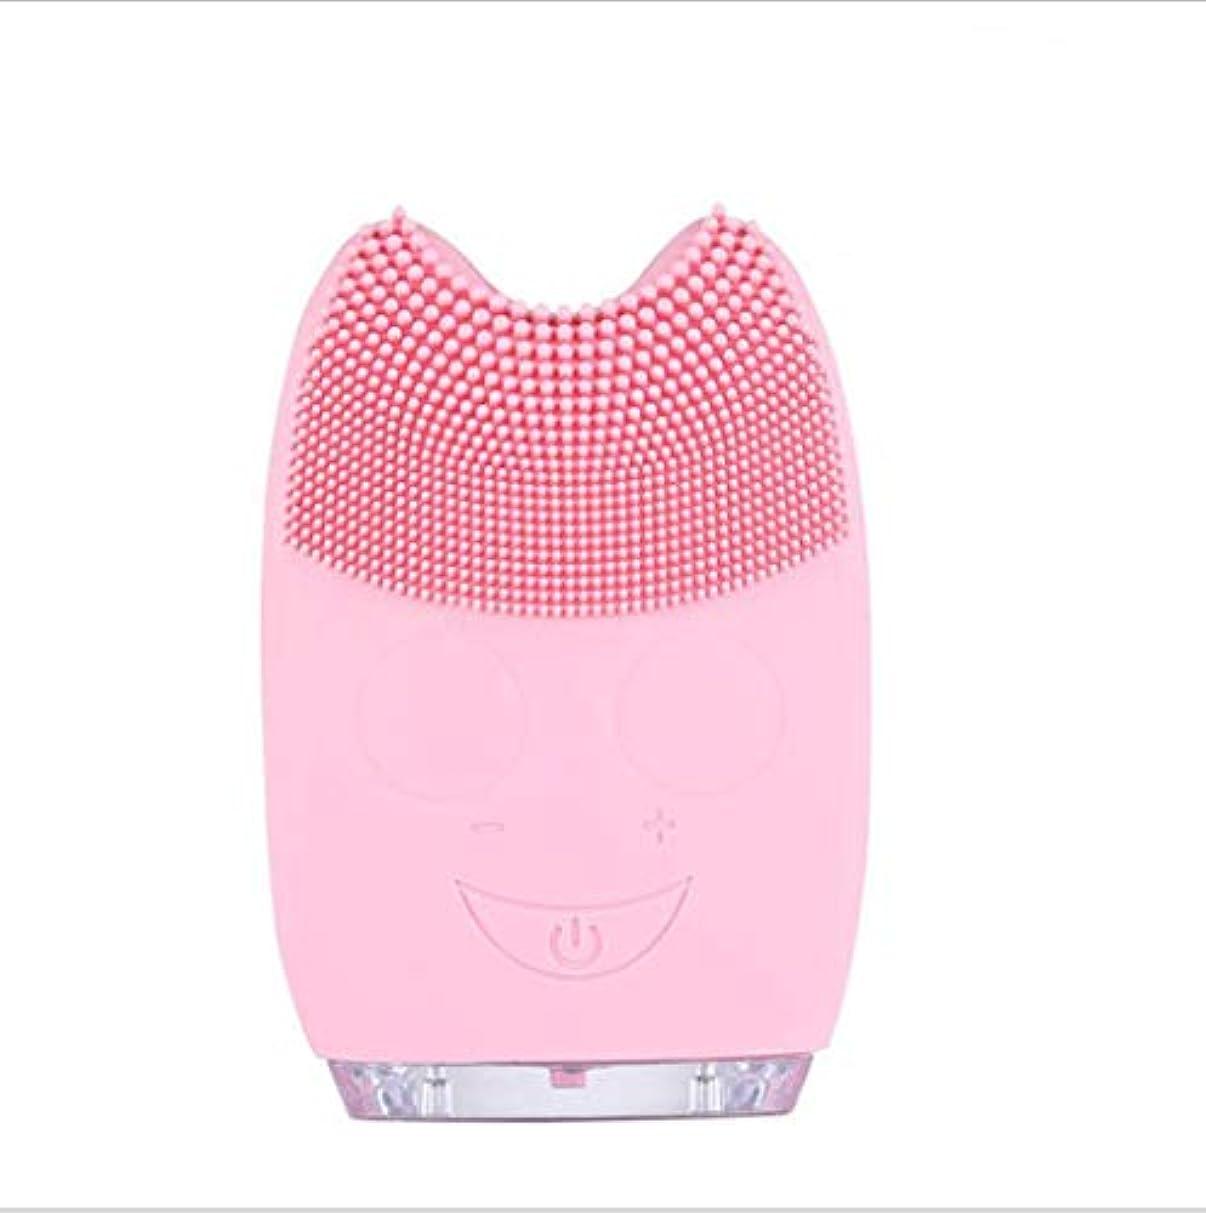 あいさつコンテスト利益すべての肌のタイプに適した角質除去とアンチエイジング顔マッサージのためのシリコーン電気クレンジングブラシ,Pink